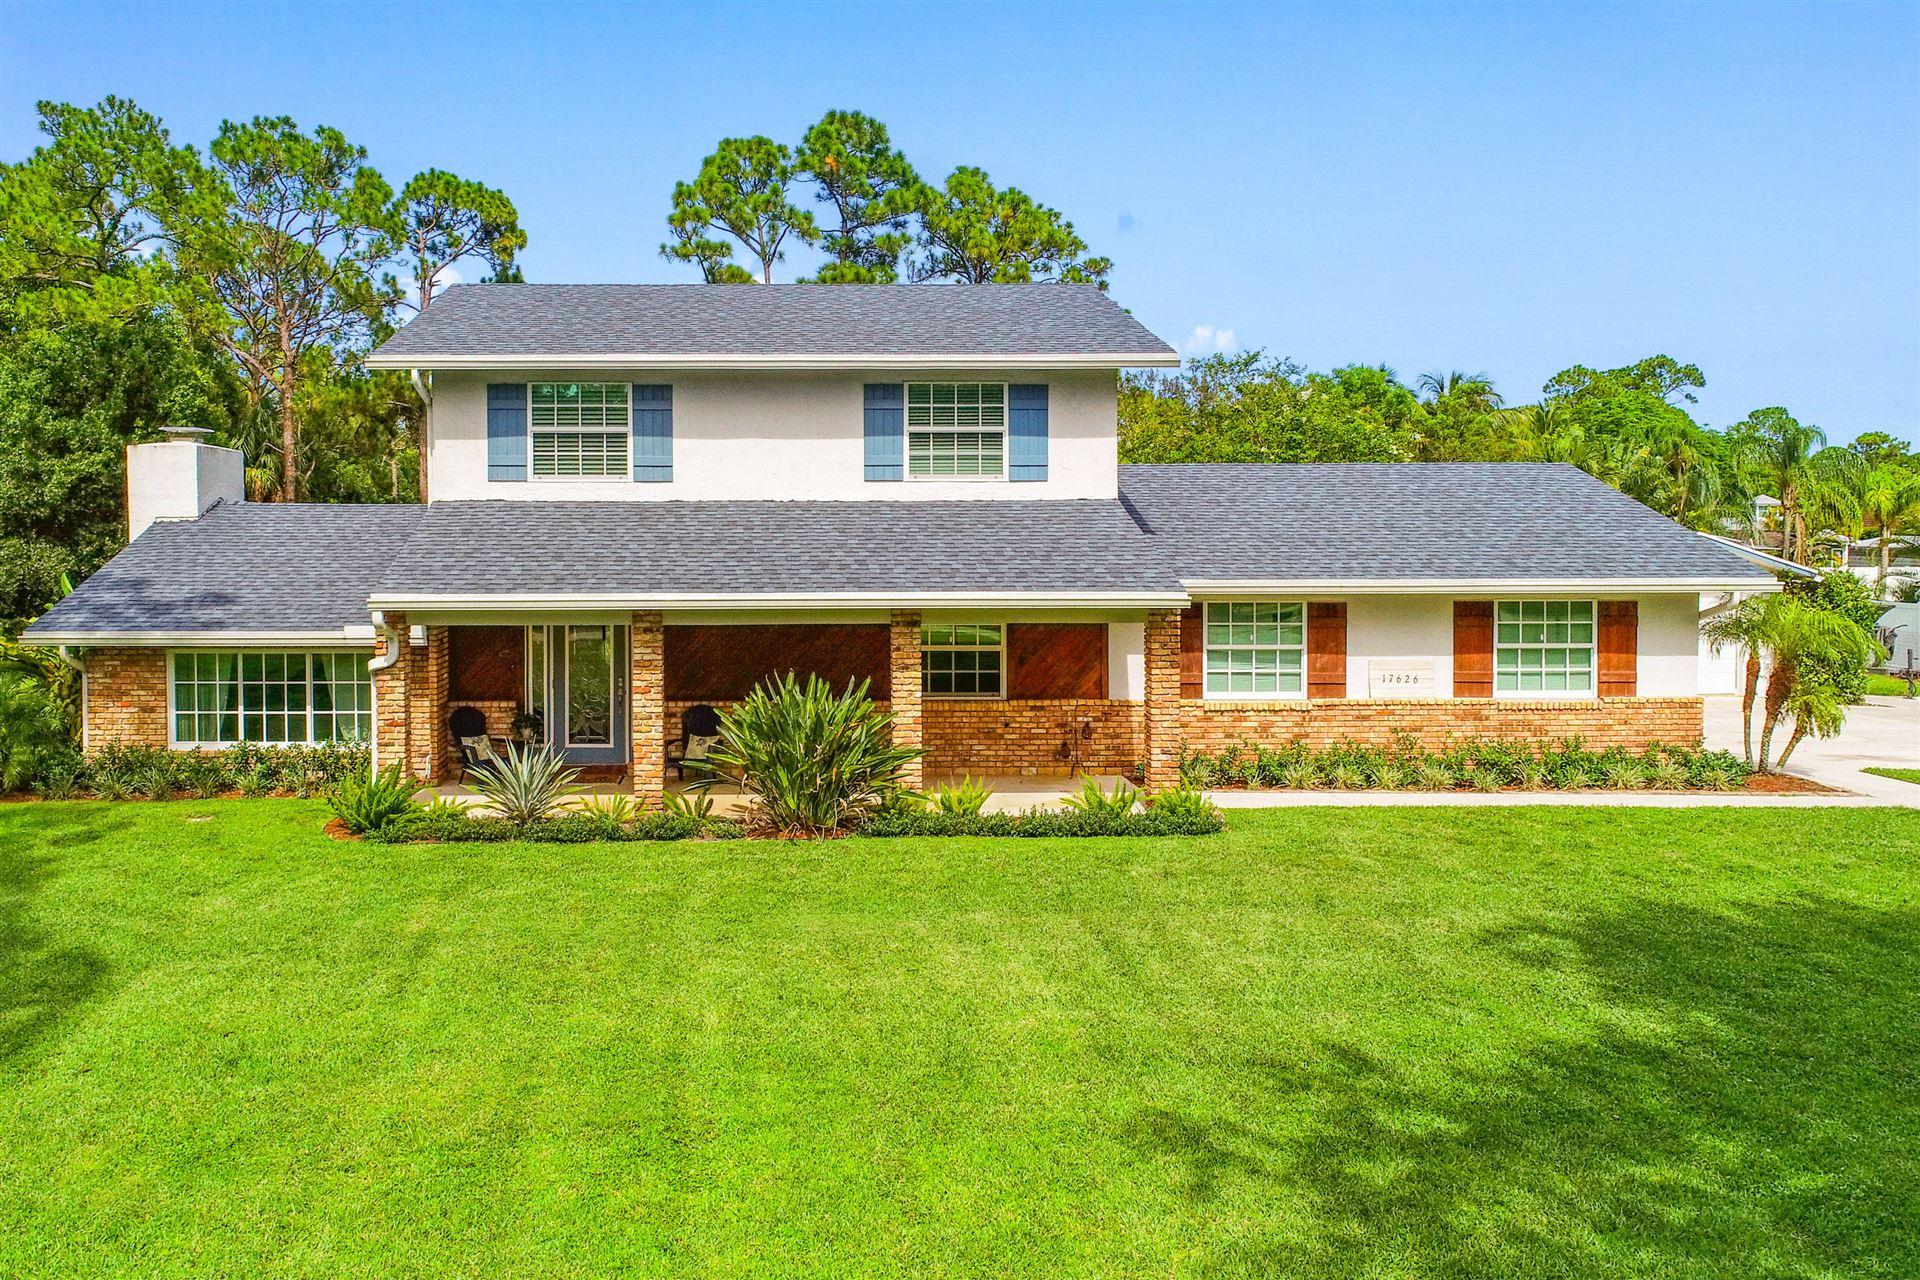 17626 126th Terrace N, Jupiter, FL 33478 - #: RX-10637226